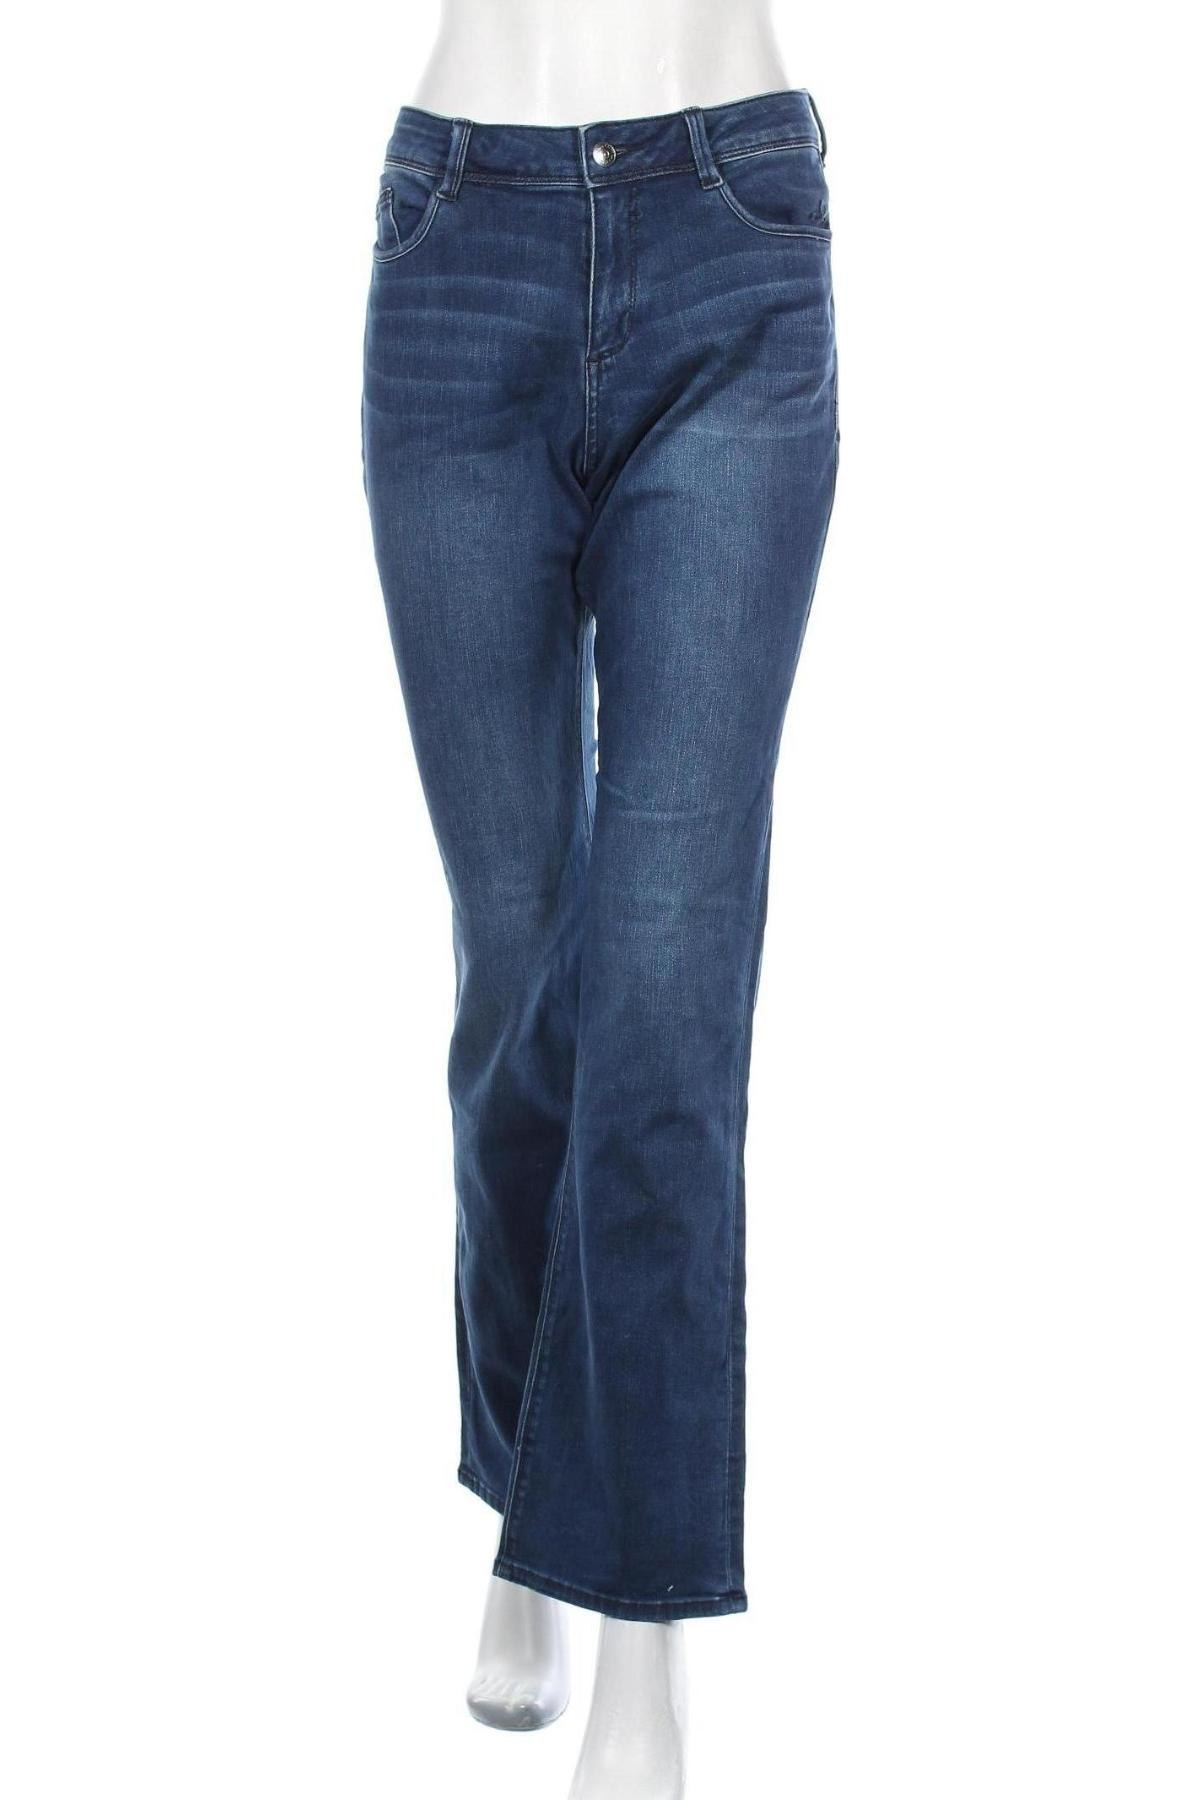 Дамски дънки S.Oliver, Размер M, Цвят Син, 91% памук, 7% полиестер, 2% еластан, Цена 28,20лв.